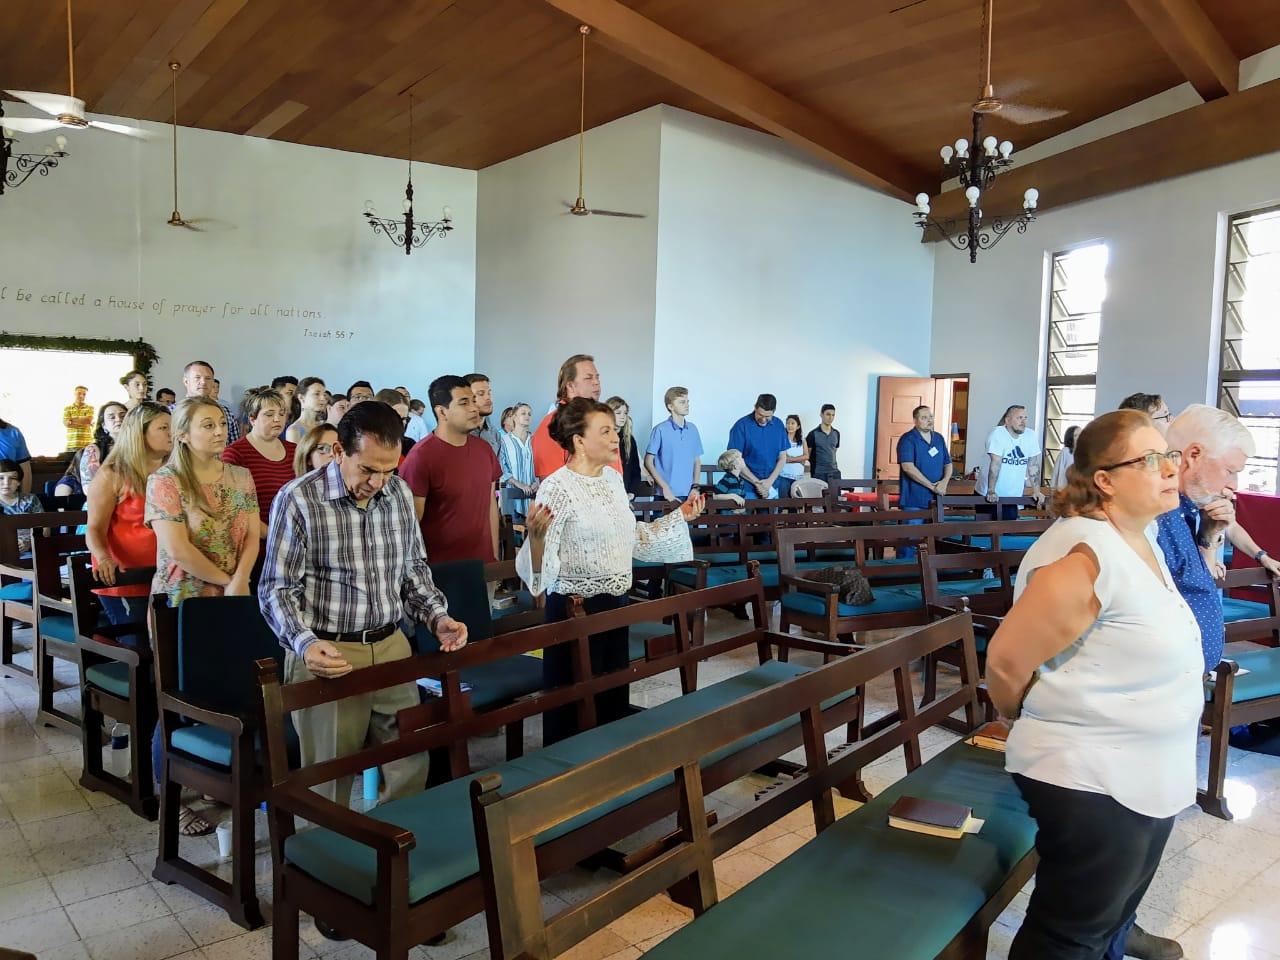 Singing and praying.